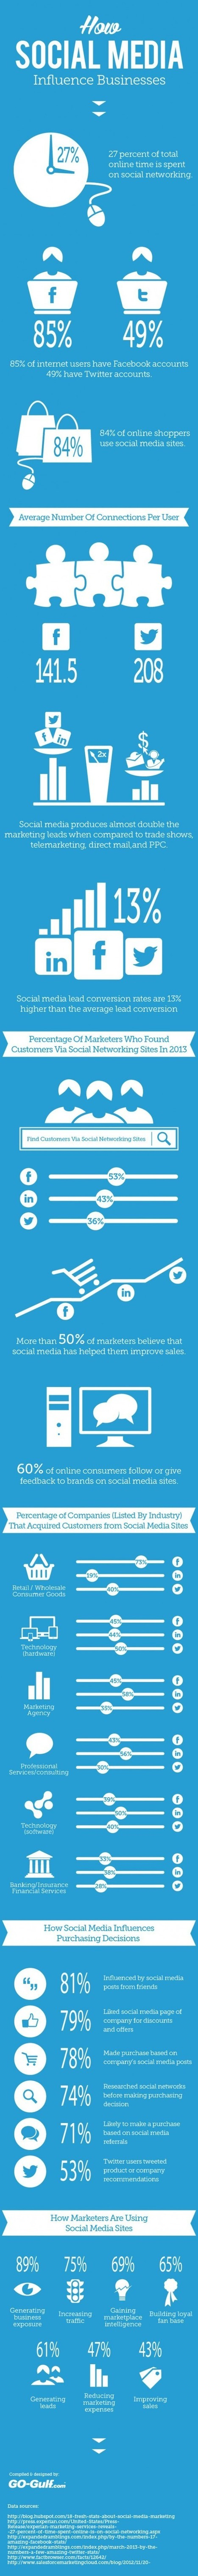 Infographie : comment les médias sociaux influencent les sites de vente en ligne | Community Manager & Social Media en France | Scoop.it